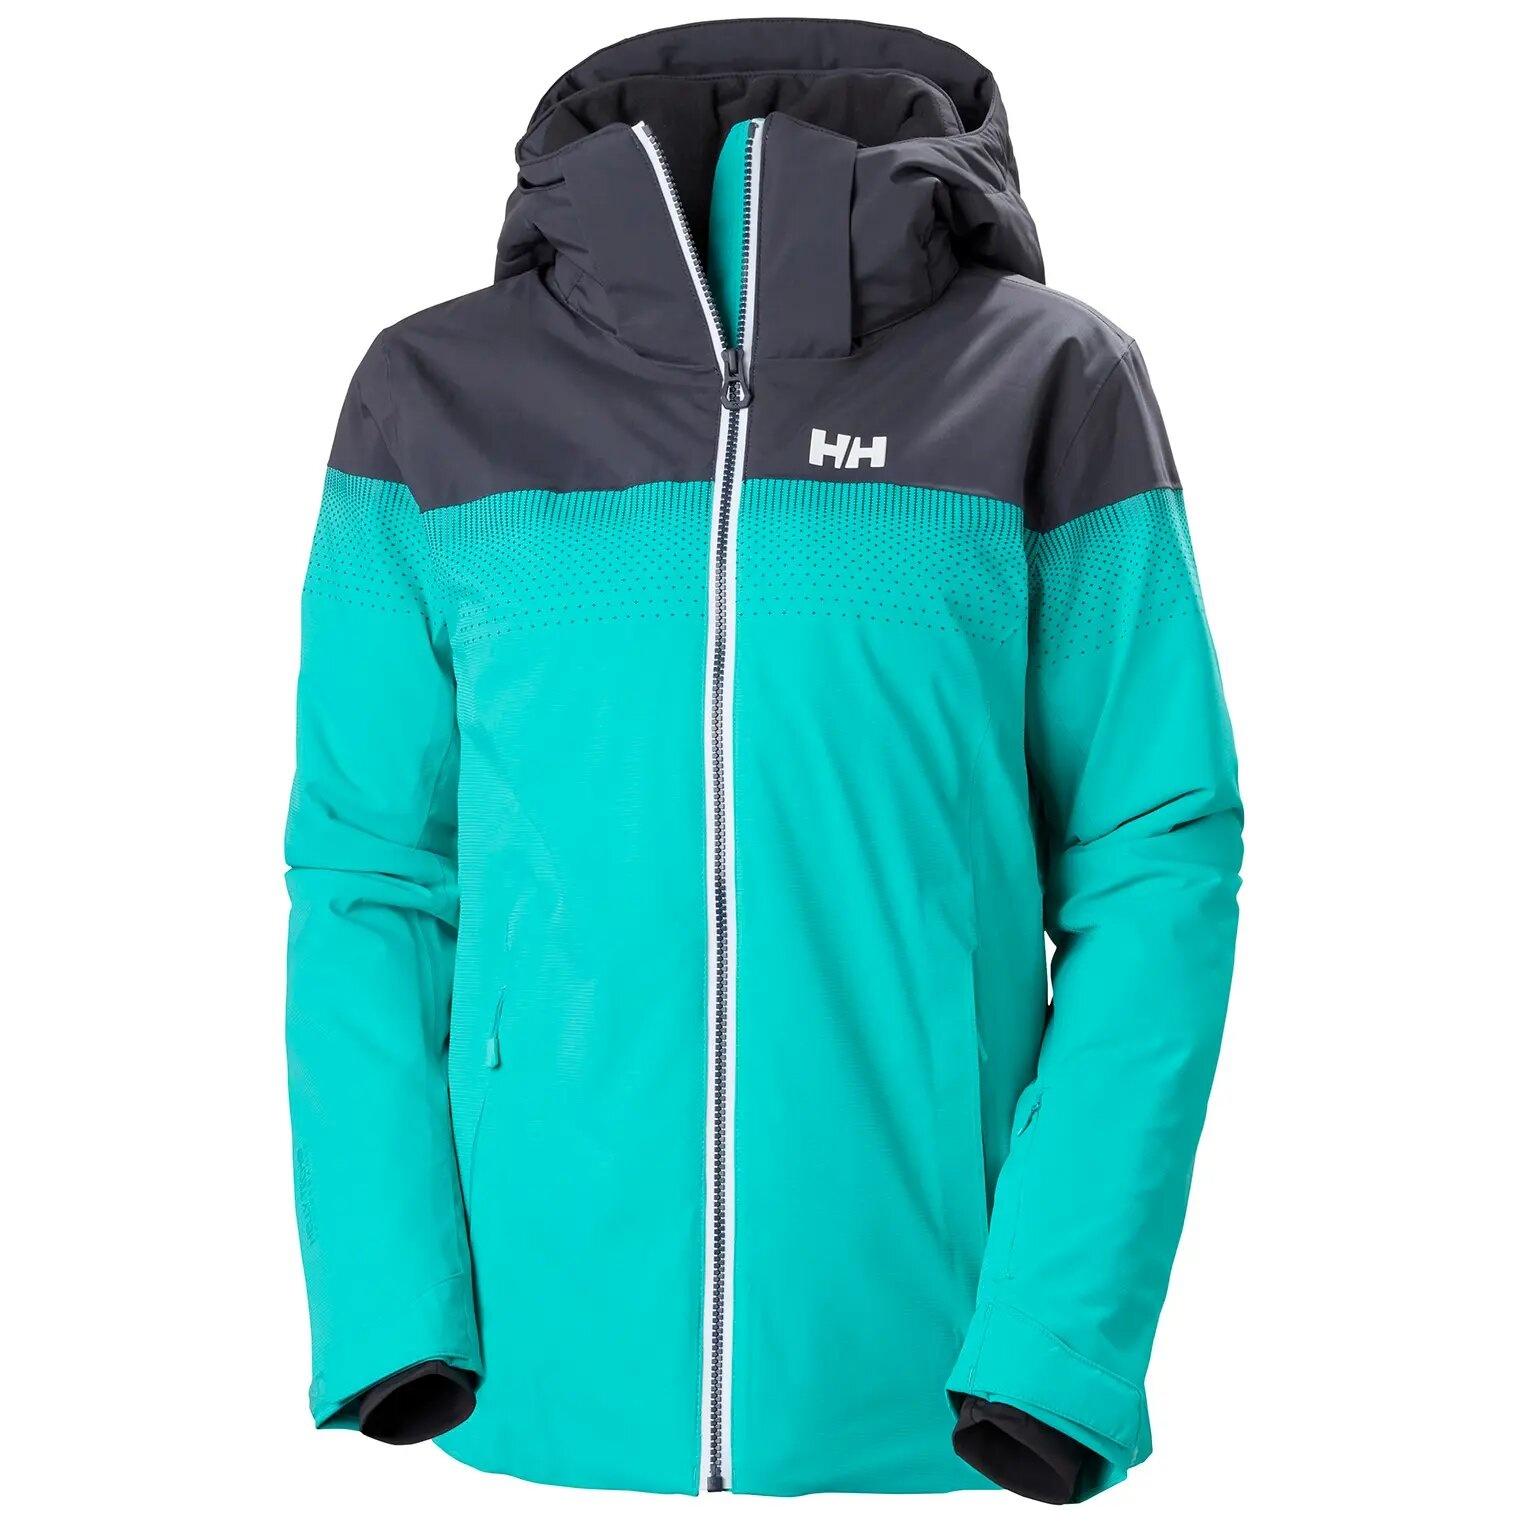 Motionista Lifaloft Jacket, Turquoise